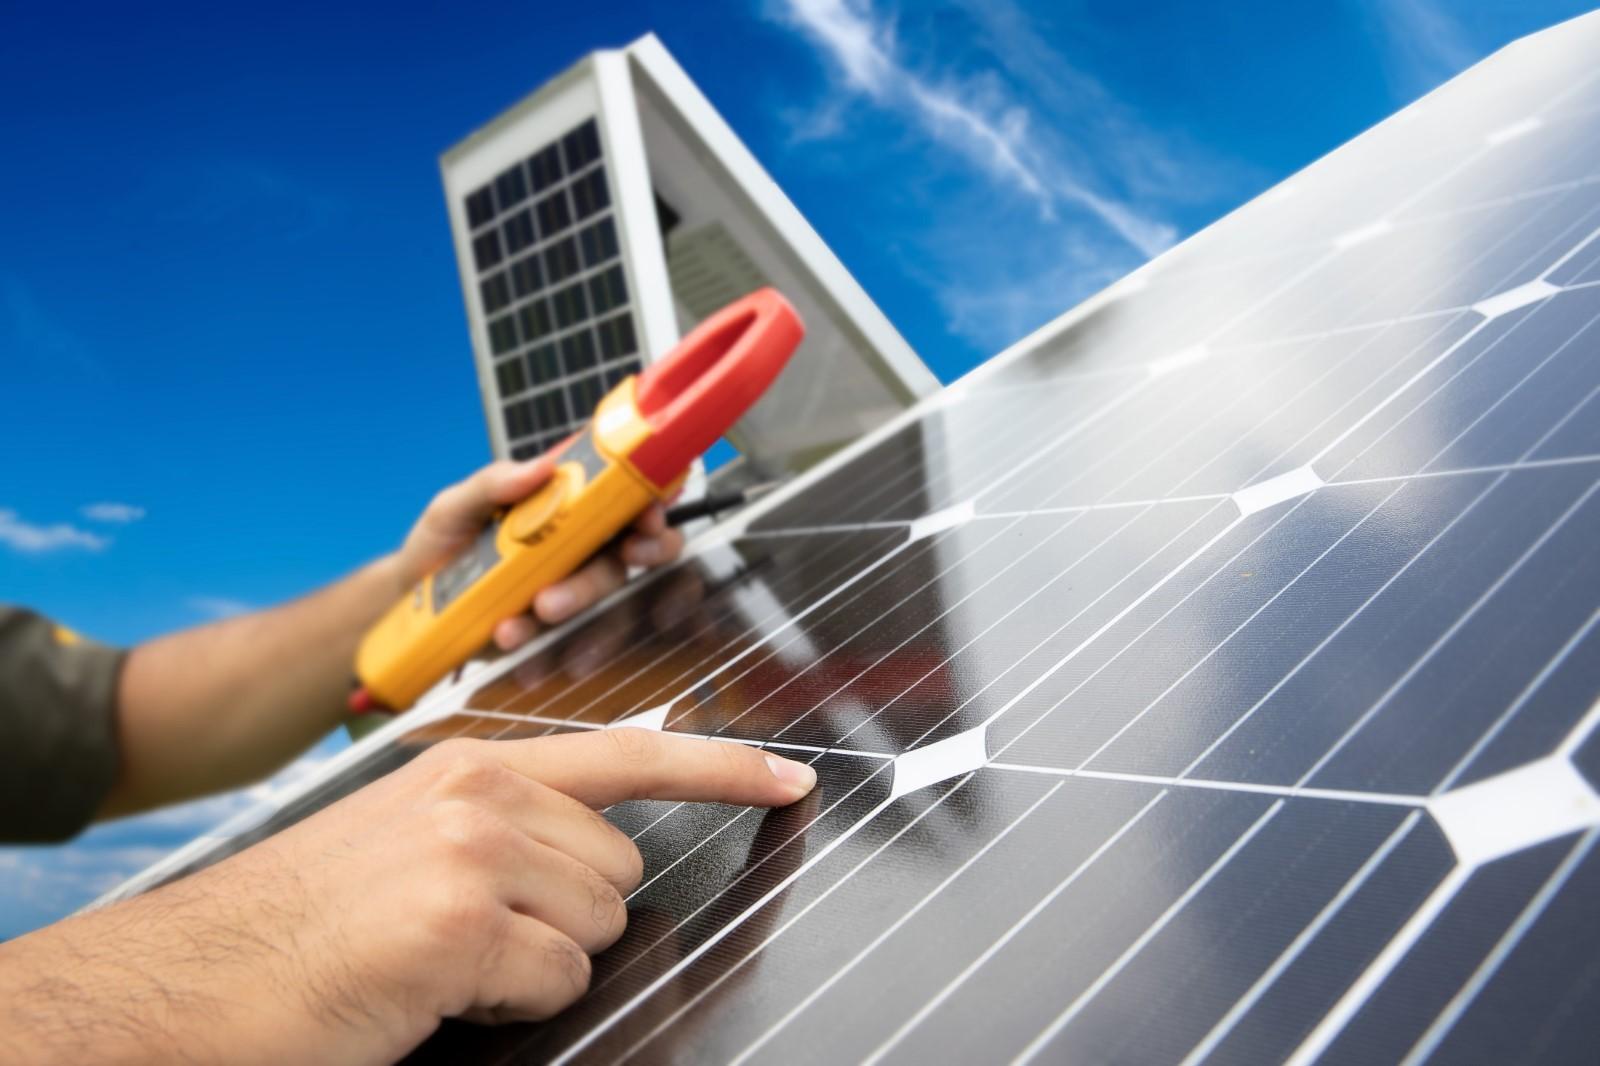 Controllo dei Pannelli Solari